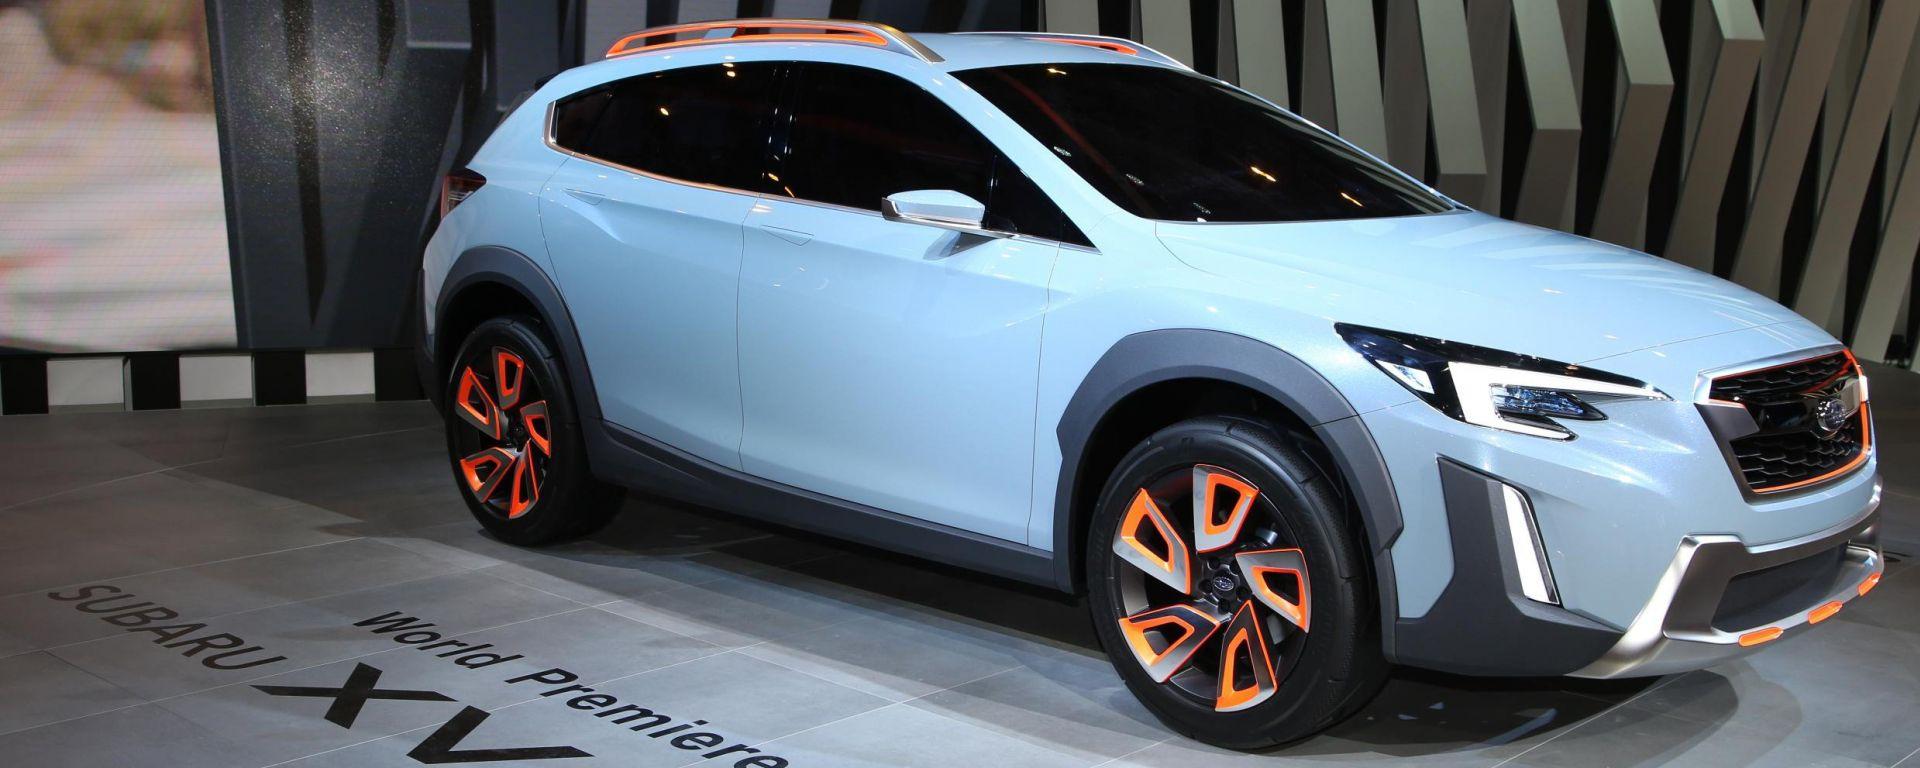 Ginevra 2016 - Notizie dalle Case: Subaru